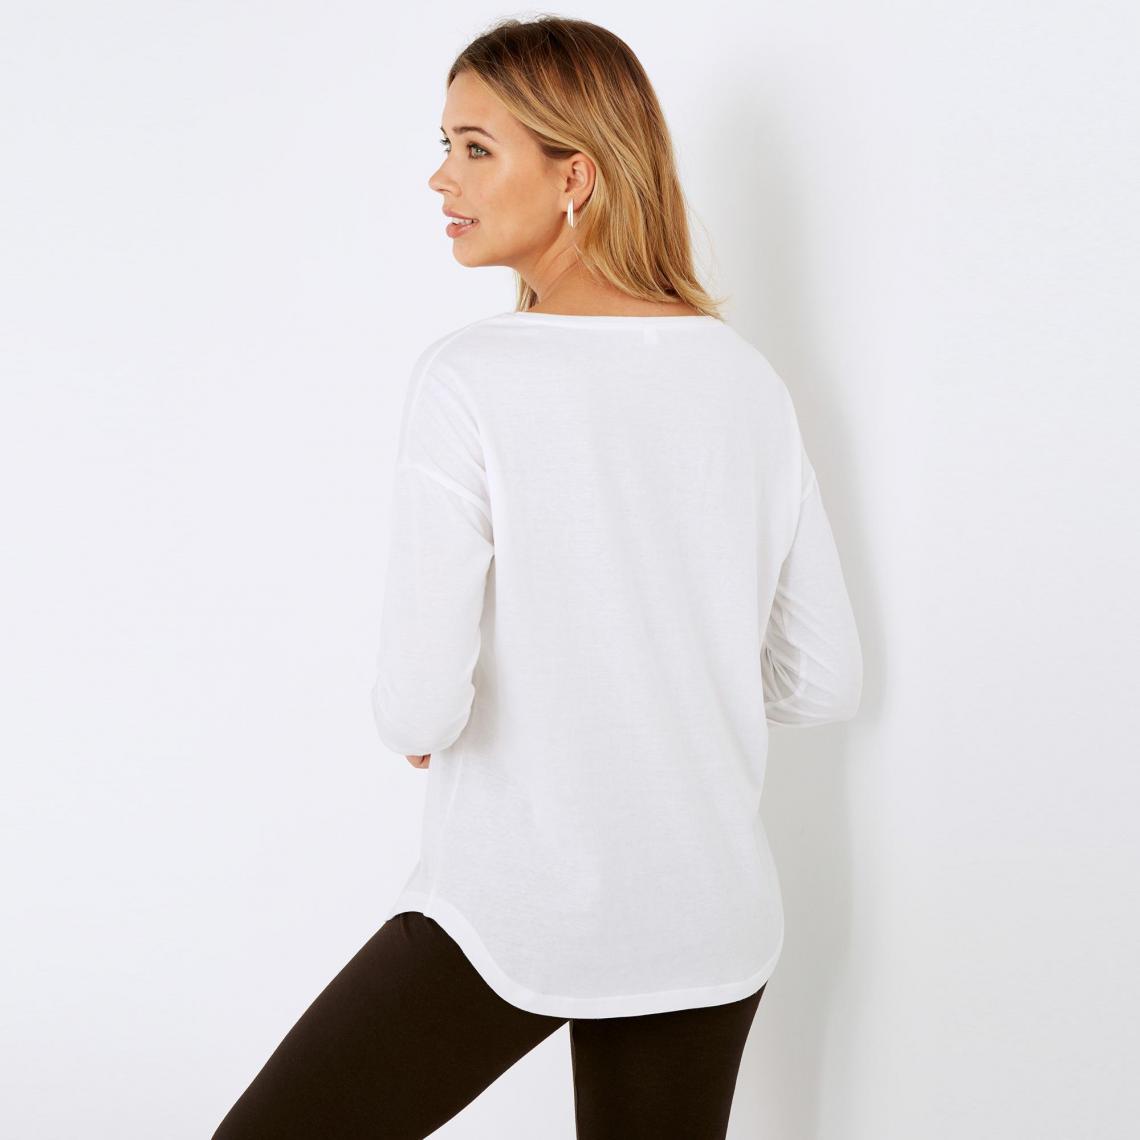 dc9e5d1d05d Tee-shirt manches longues bas arrondi femme - Blanc